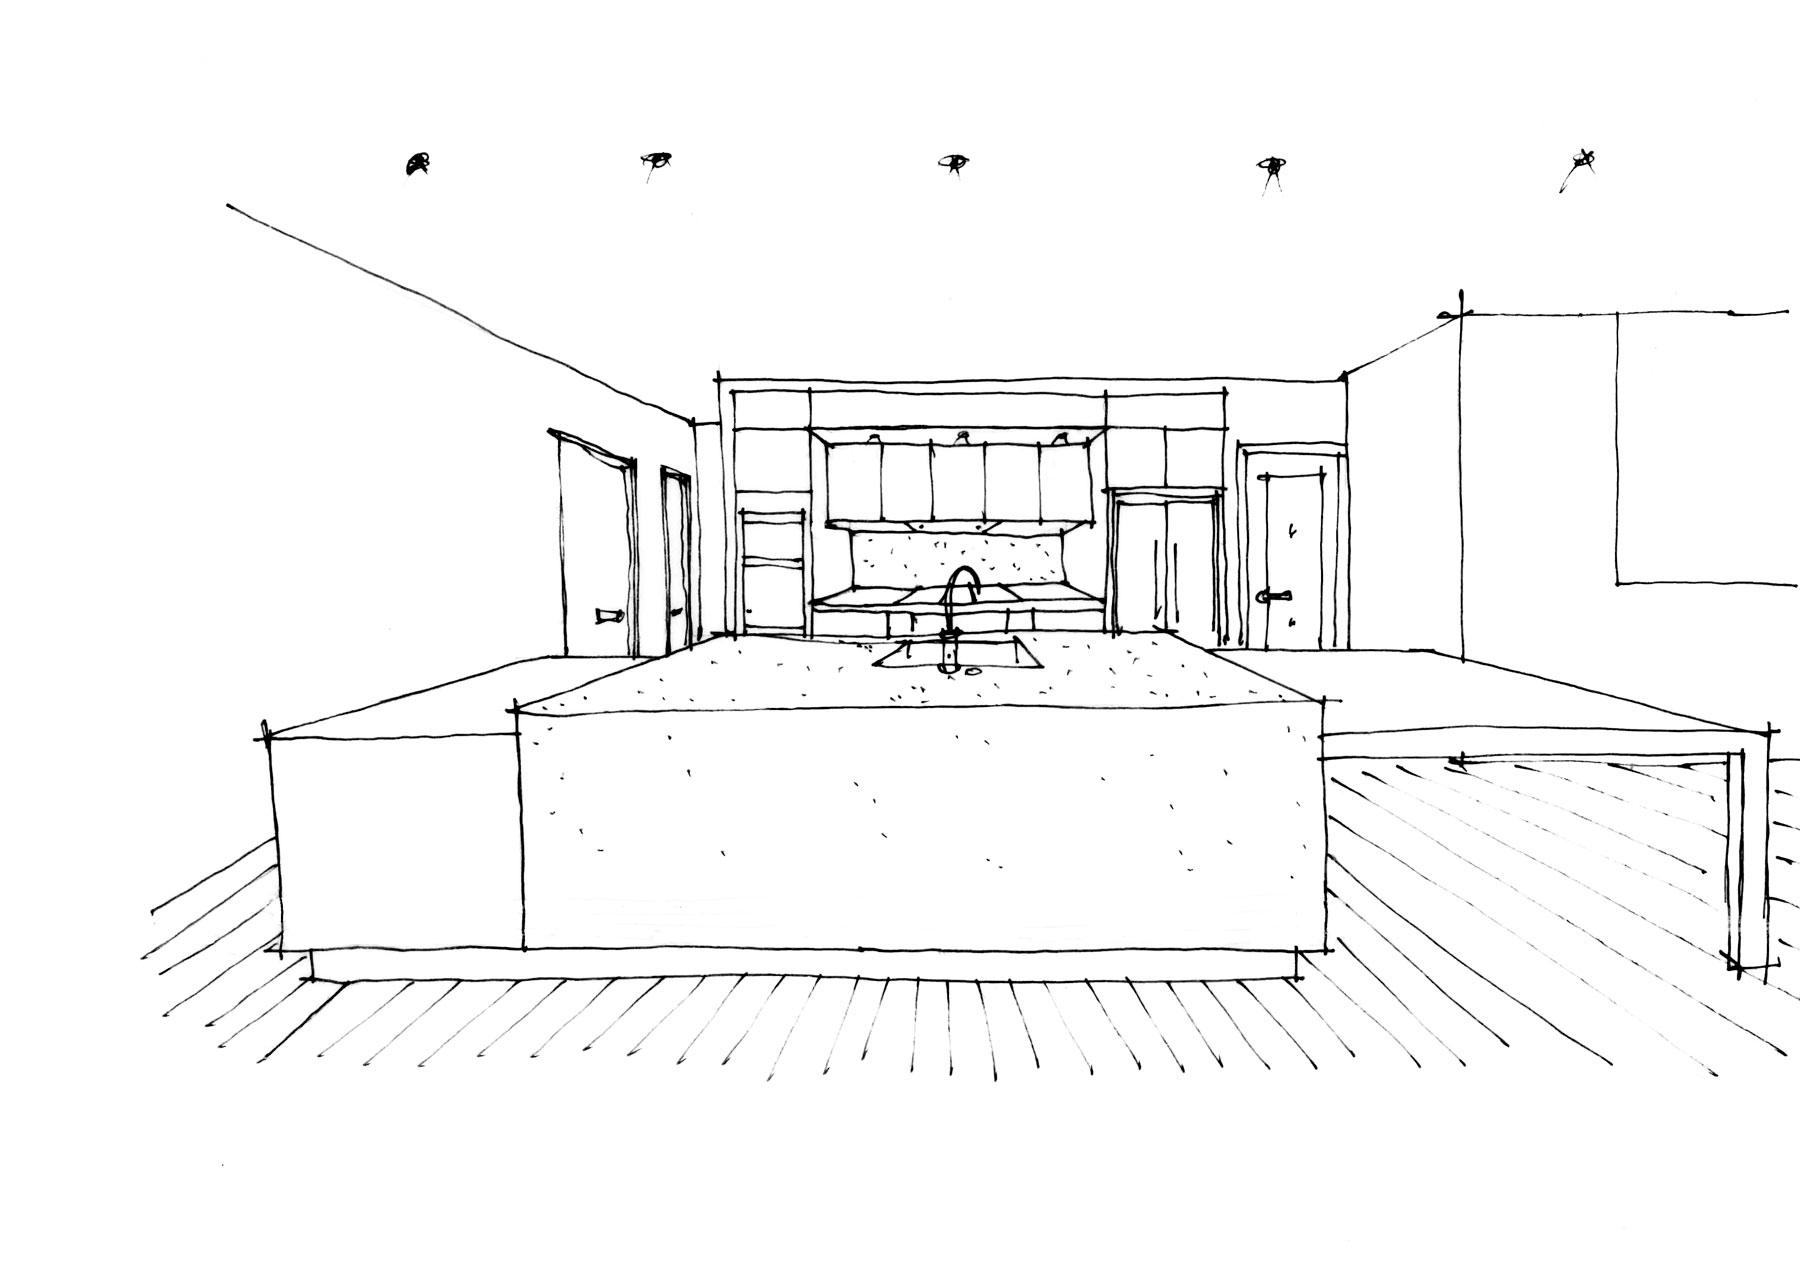 N-Leuschke-Kahn-Architects-Scan-6-Interior.jpg